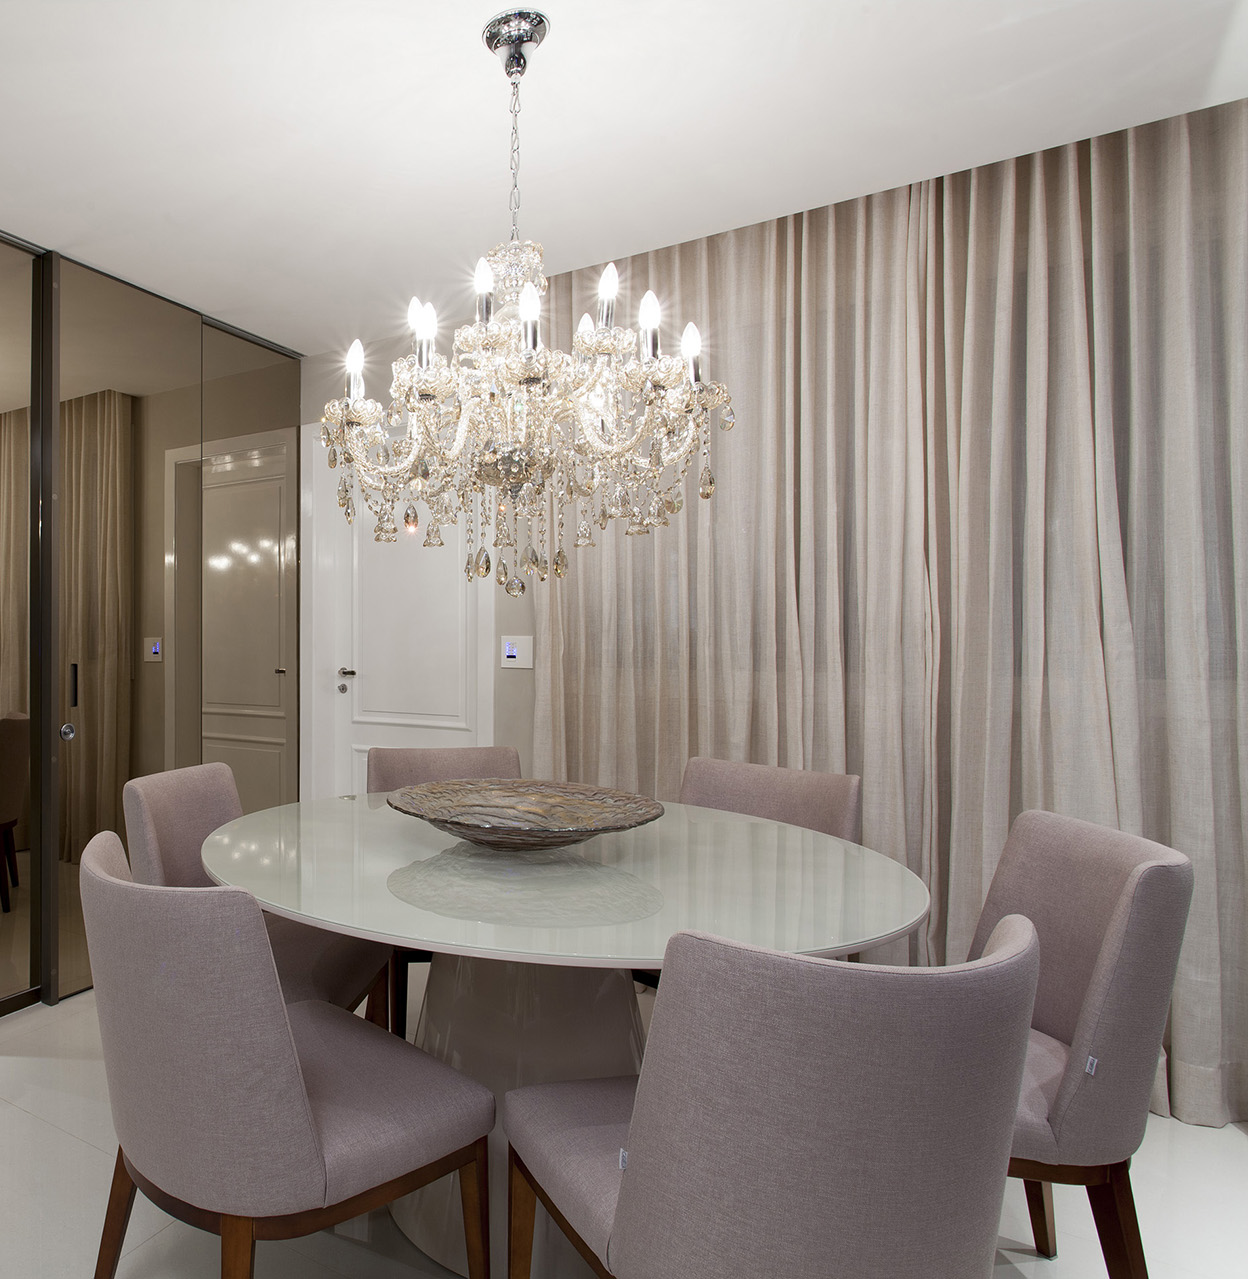 10 salas de jantar com mesas redondas e decor sofisticado for Mesas redondas modernas